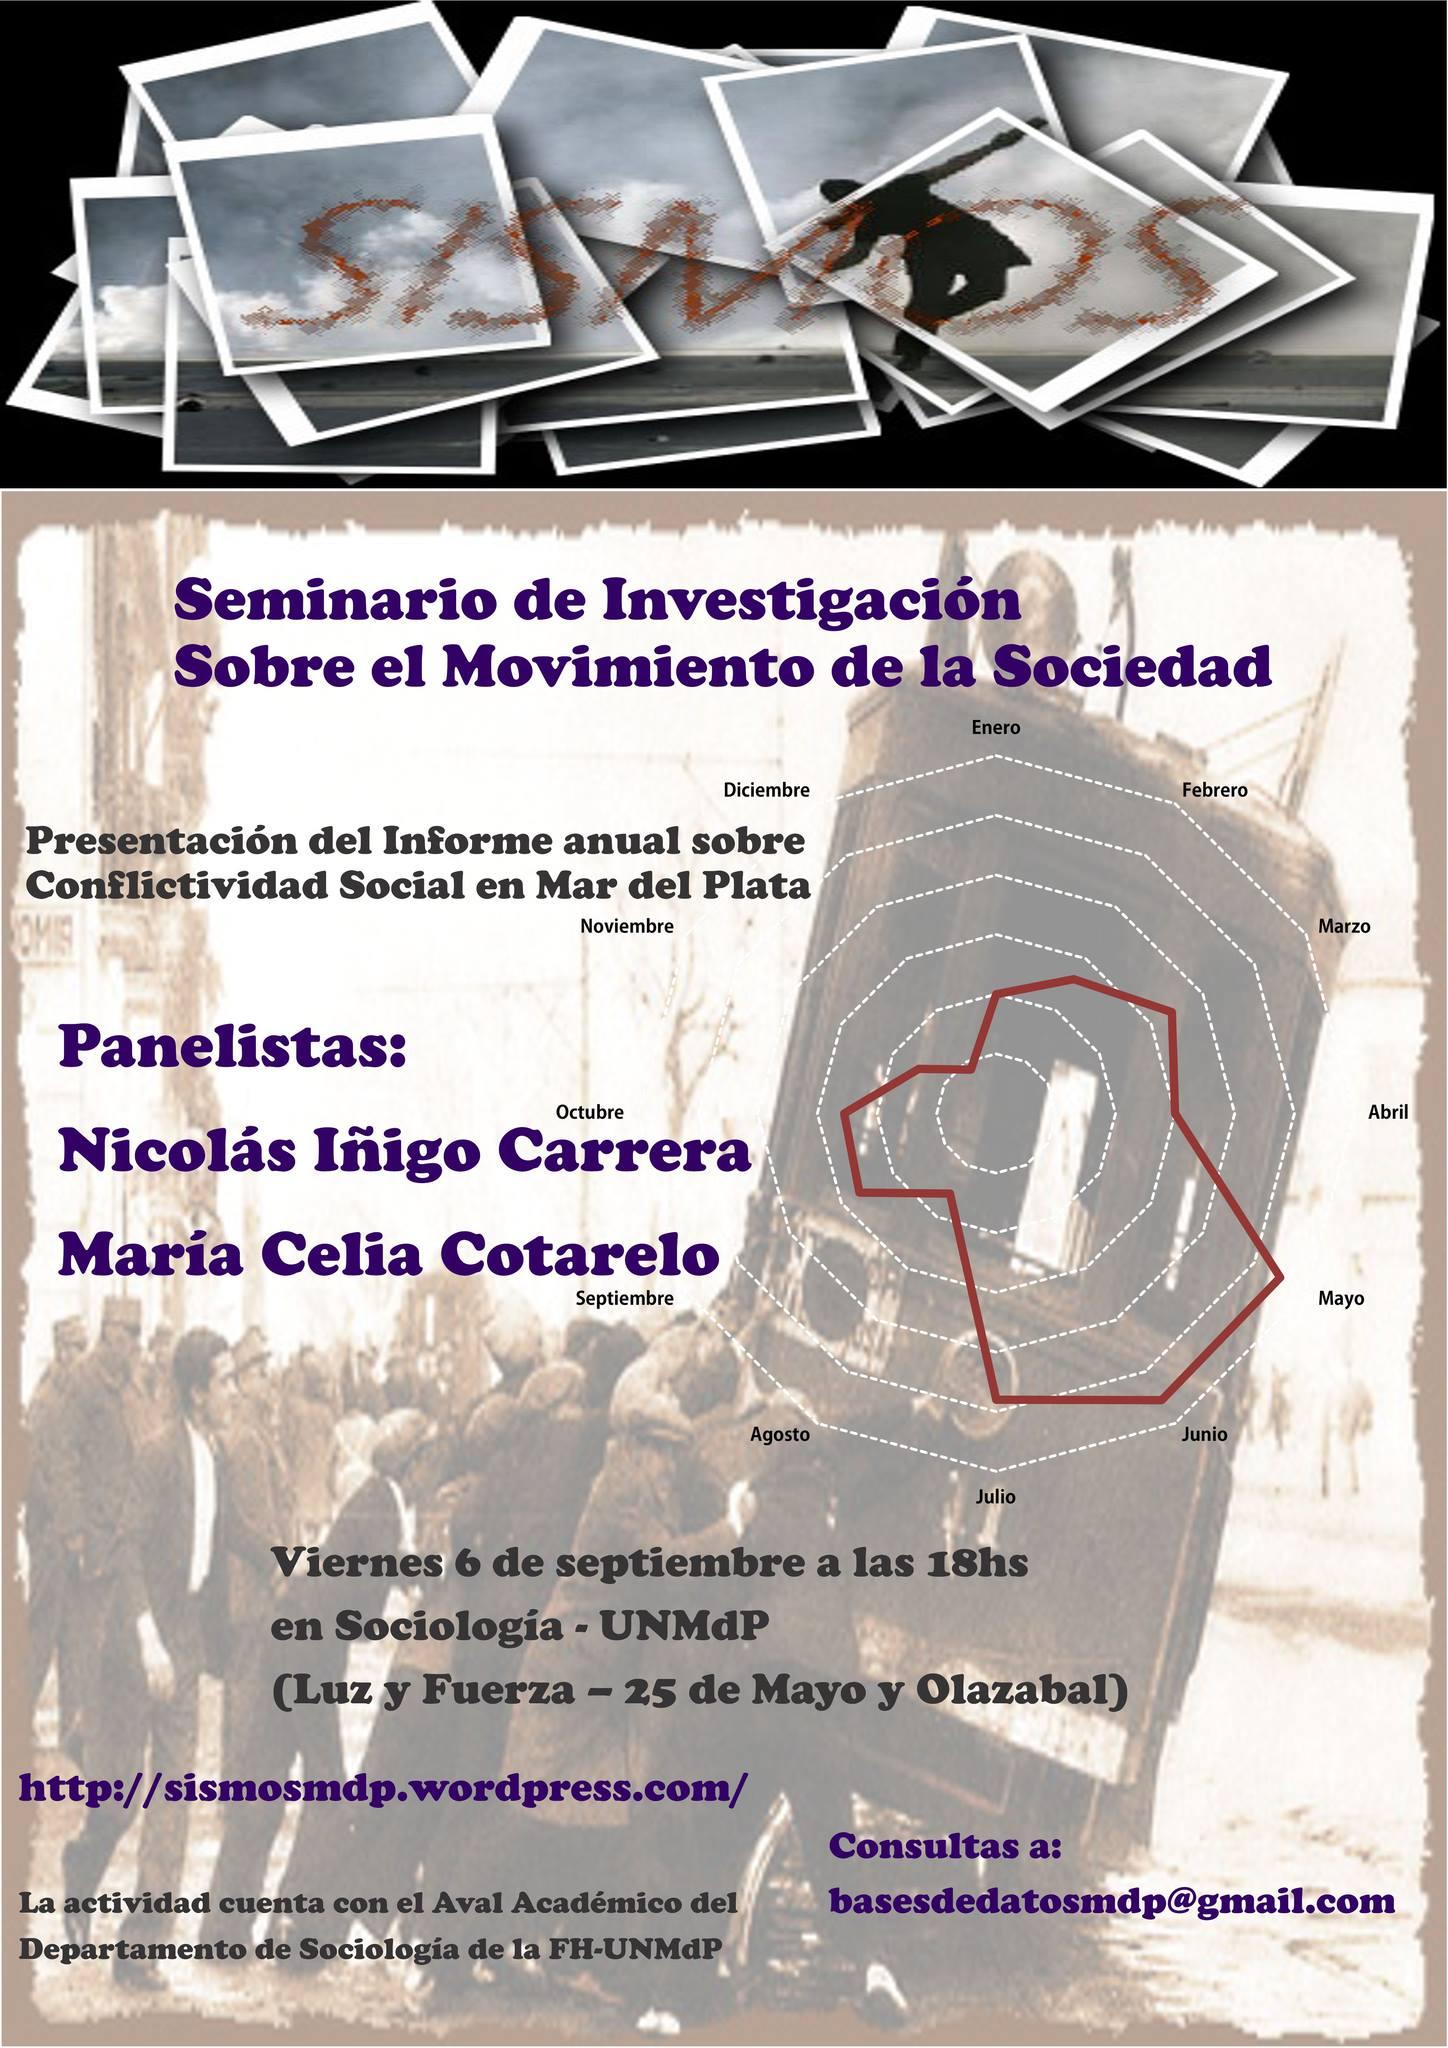 SISMOS: Presentación del Informe Anual sobre Conflictividad Social